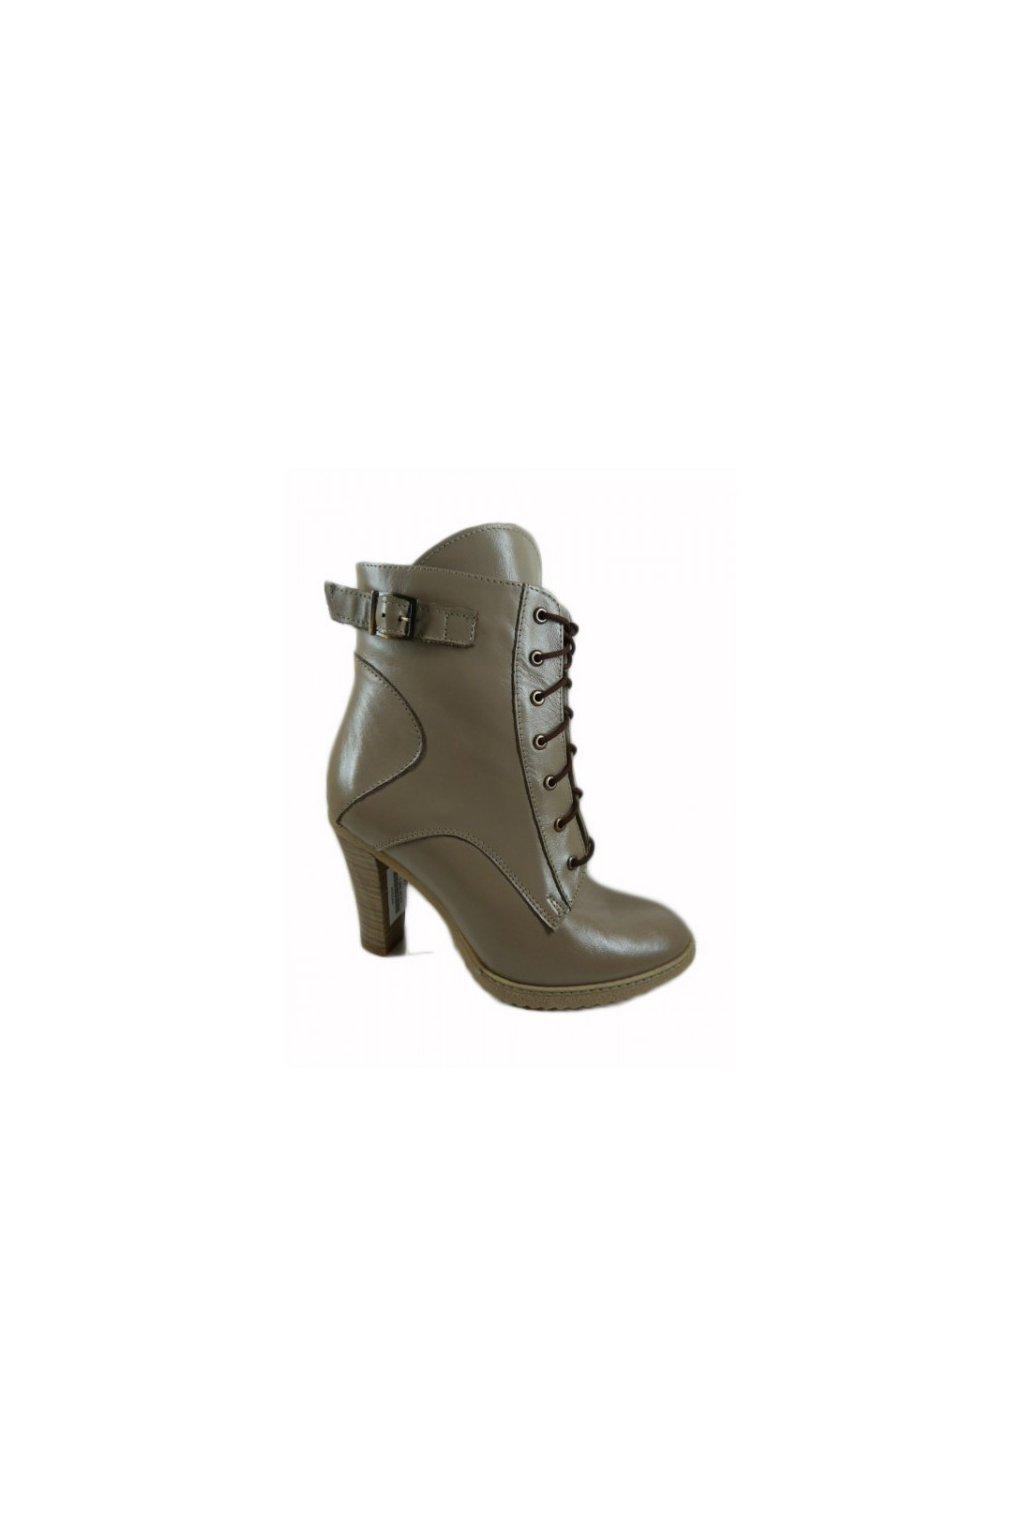 Podměrná dámská obuv Hujo 558